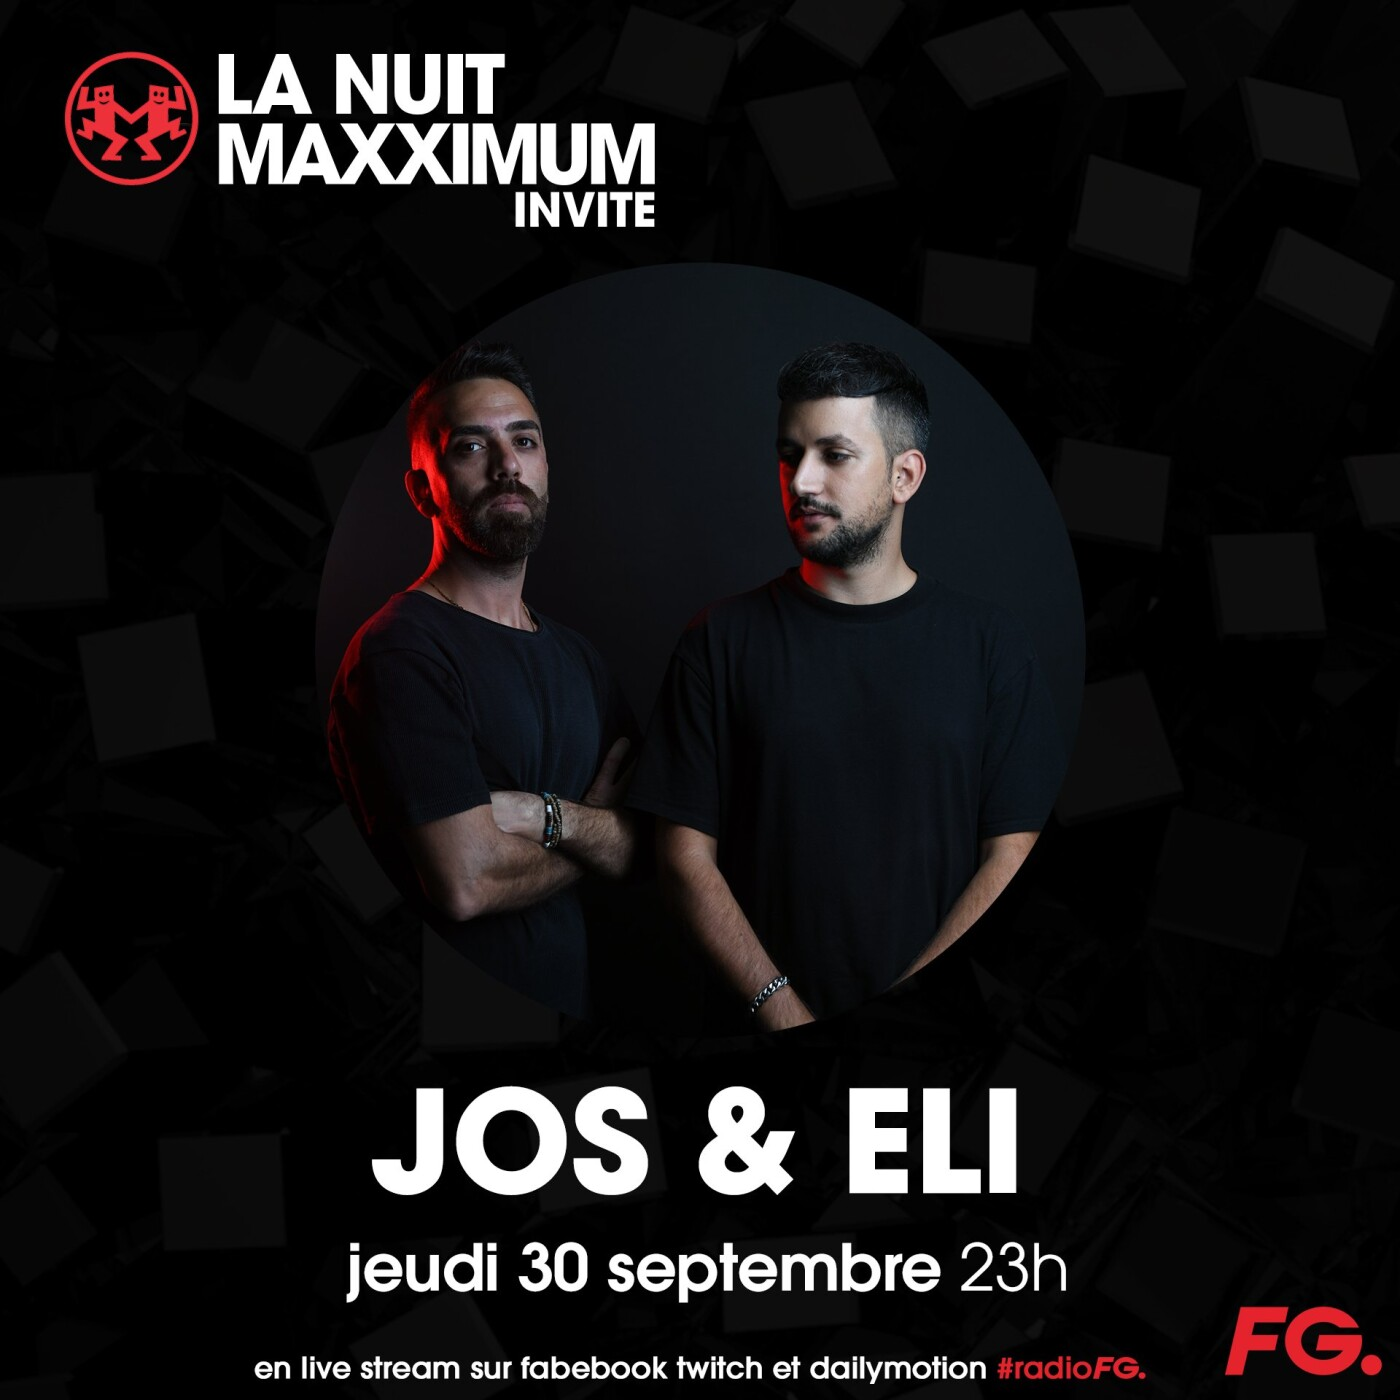 LA NUIT MAXXIMUM SUR FG : JOS & ELI